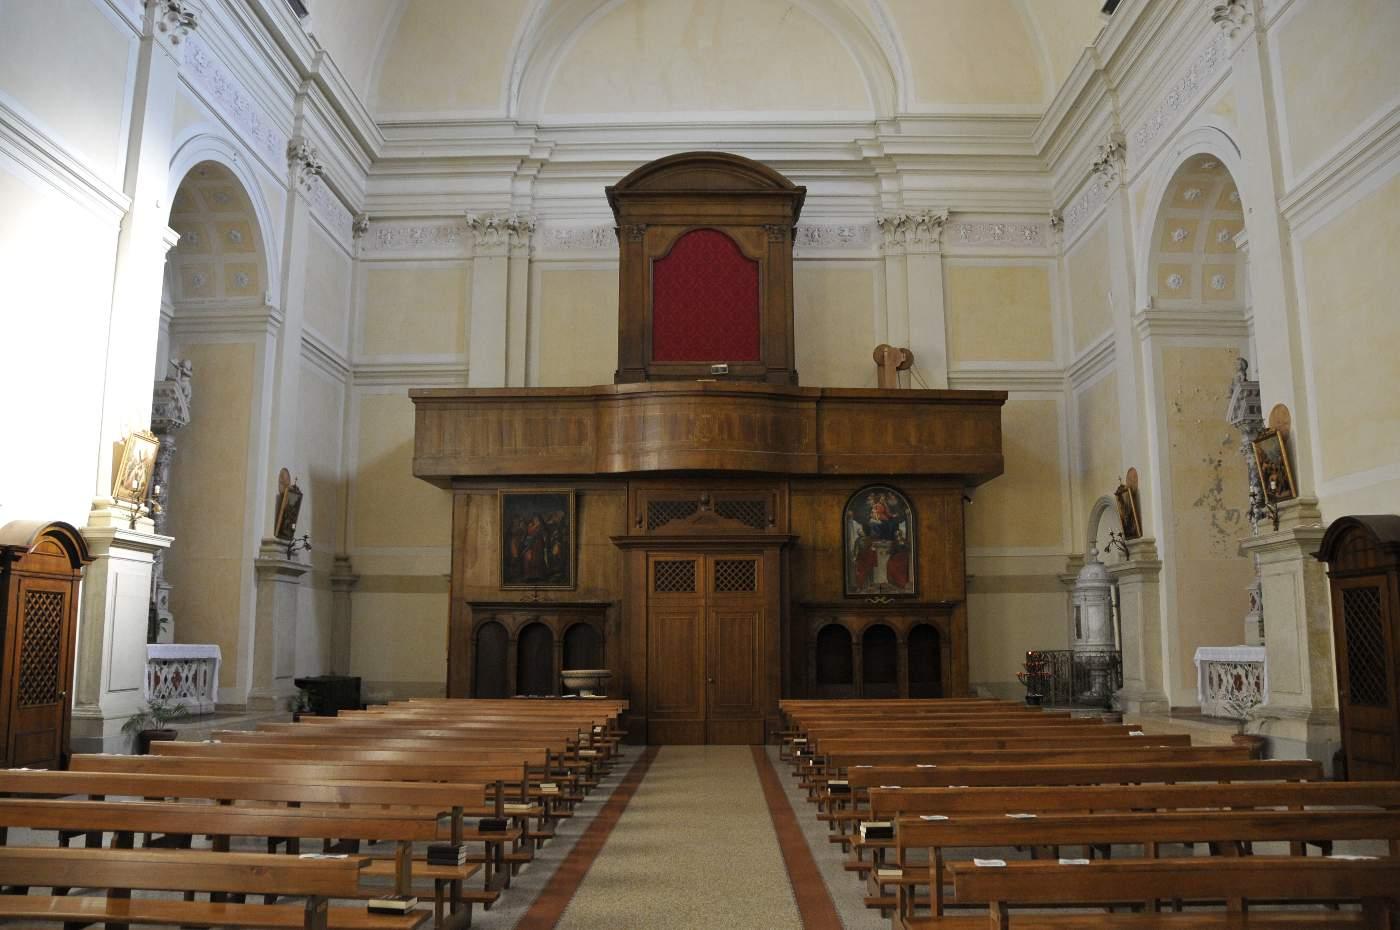 Fregona-Pieve di Santa Maria Assunta